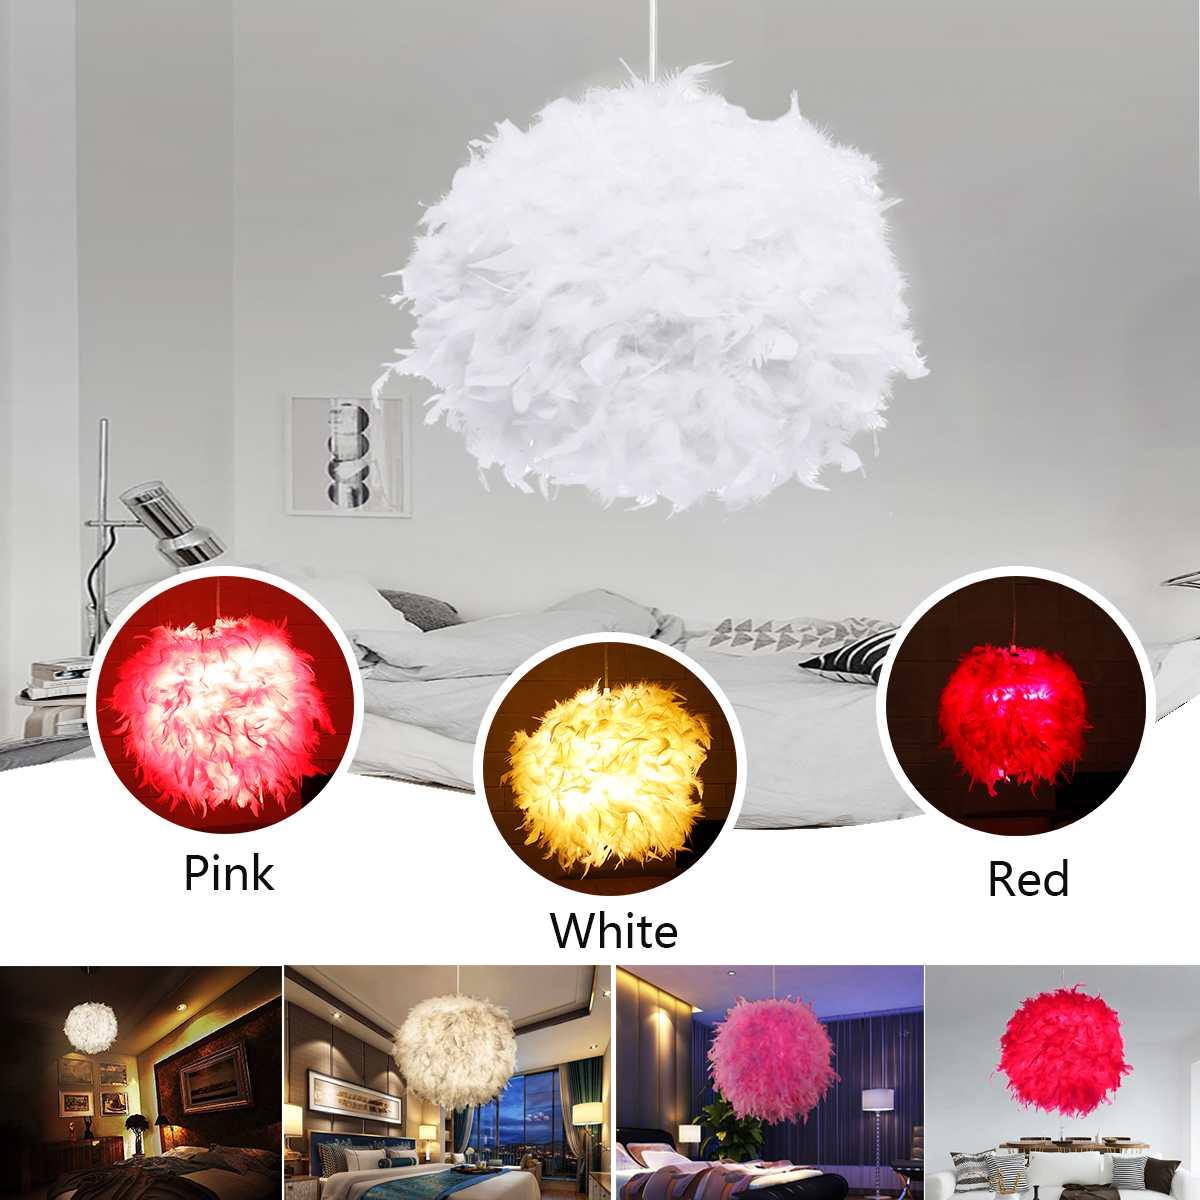 Plafonnier suspension lumière ombre moderne plume boule lampe abat-jour chambre salon rouge/rose/blanc 110-220 V E27 doux sûr décor